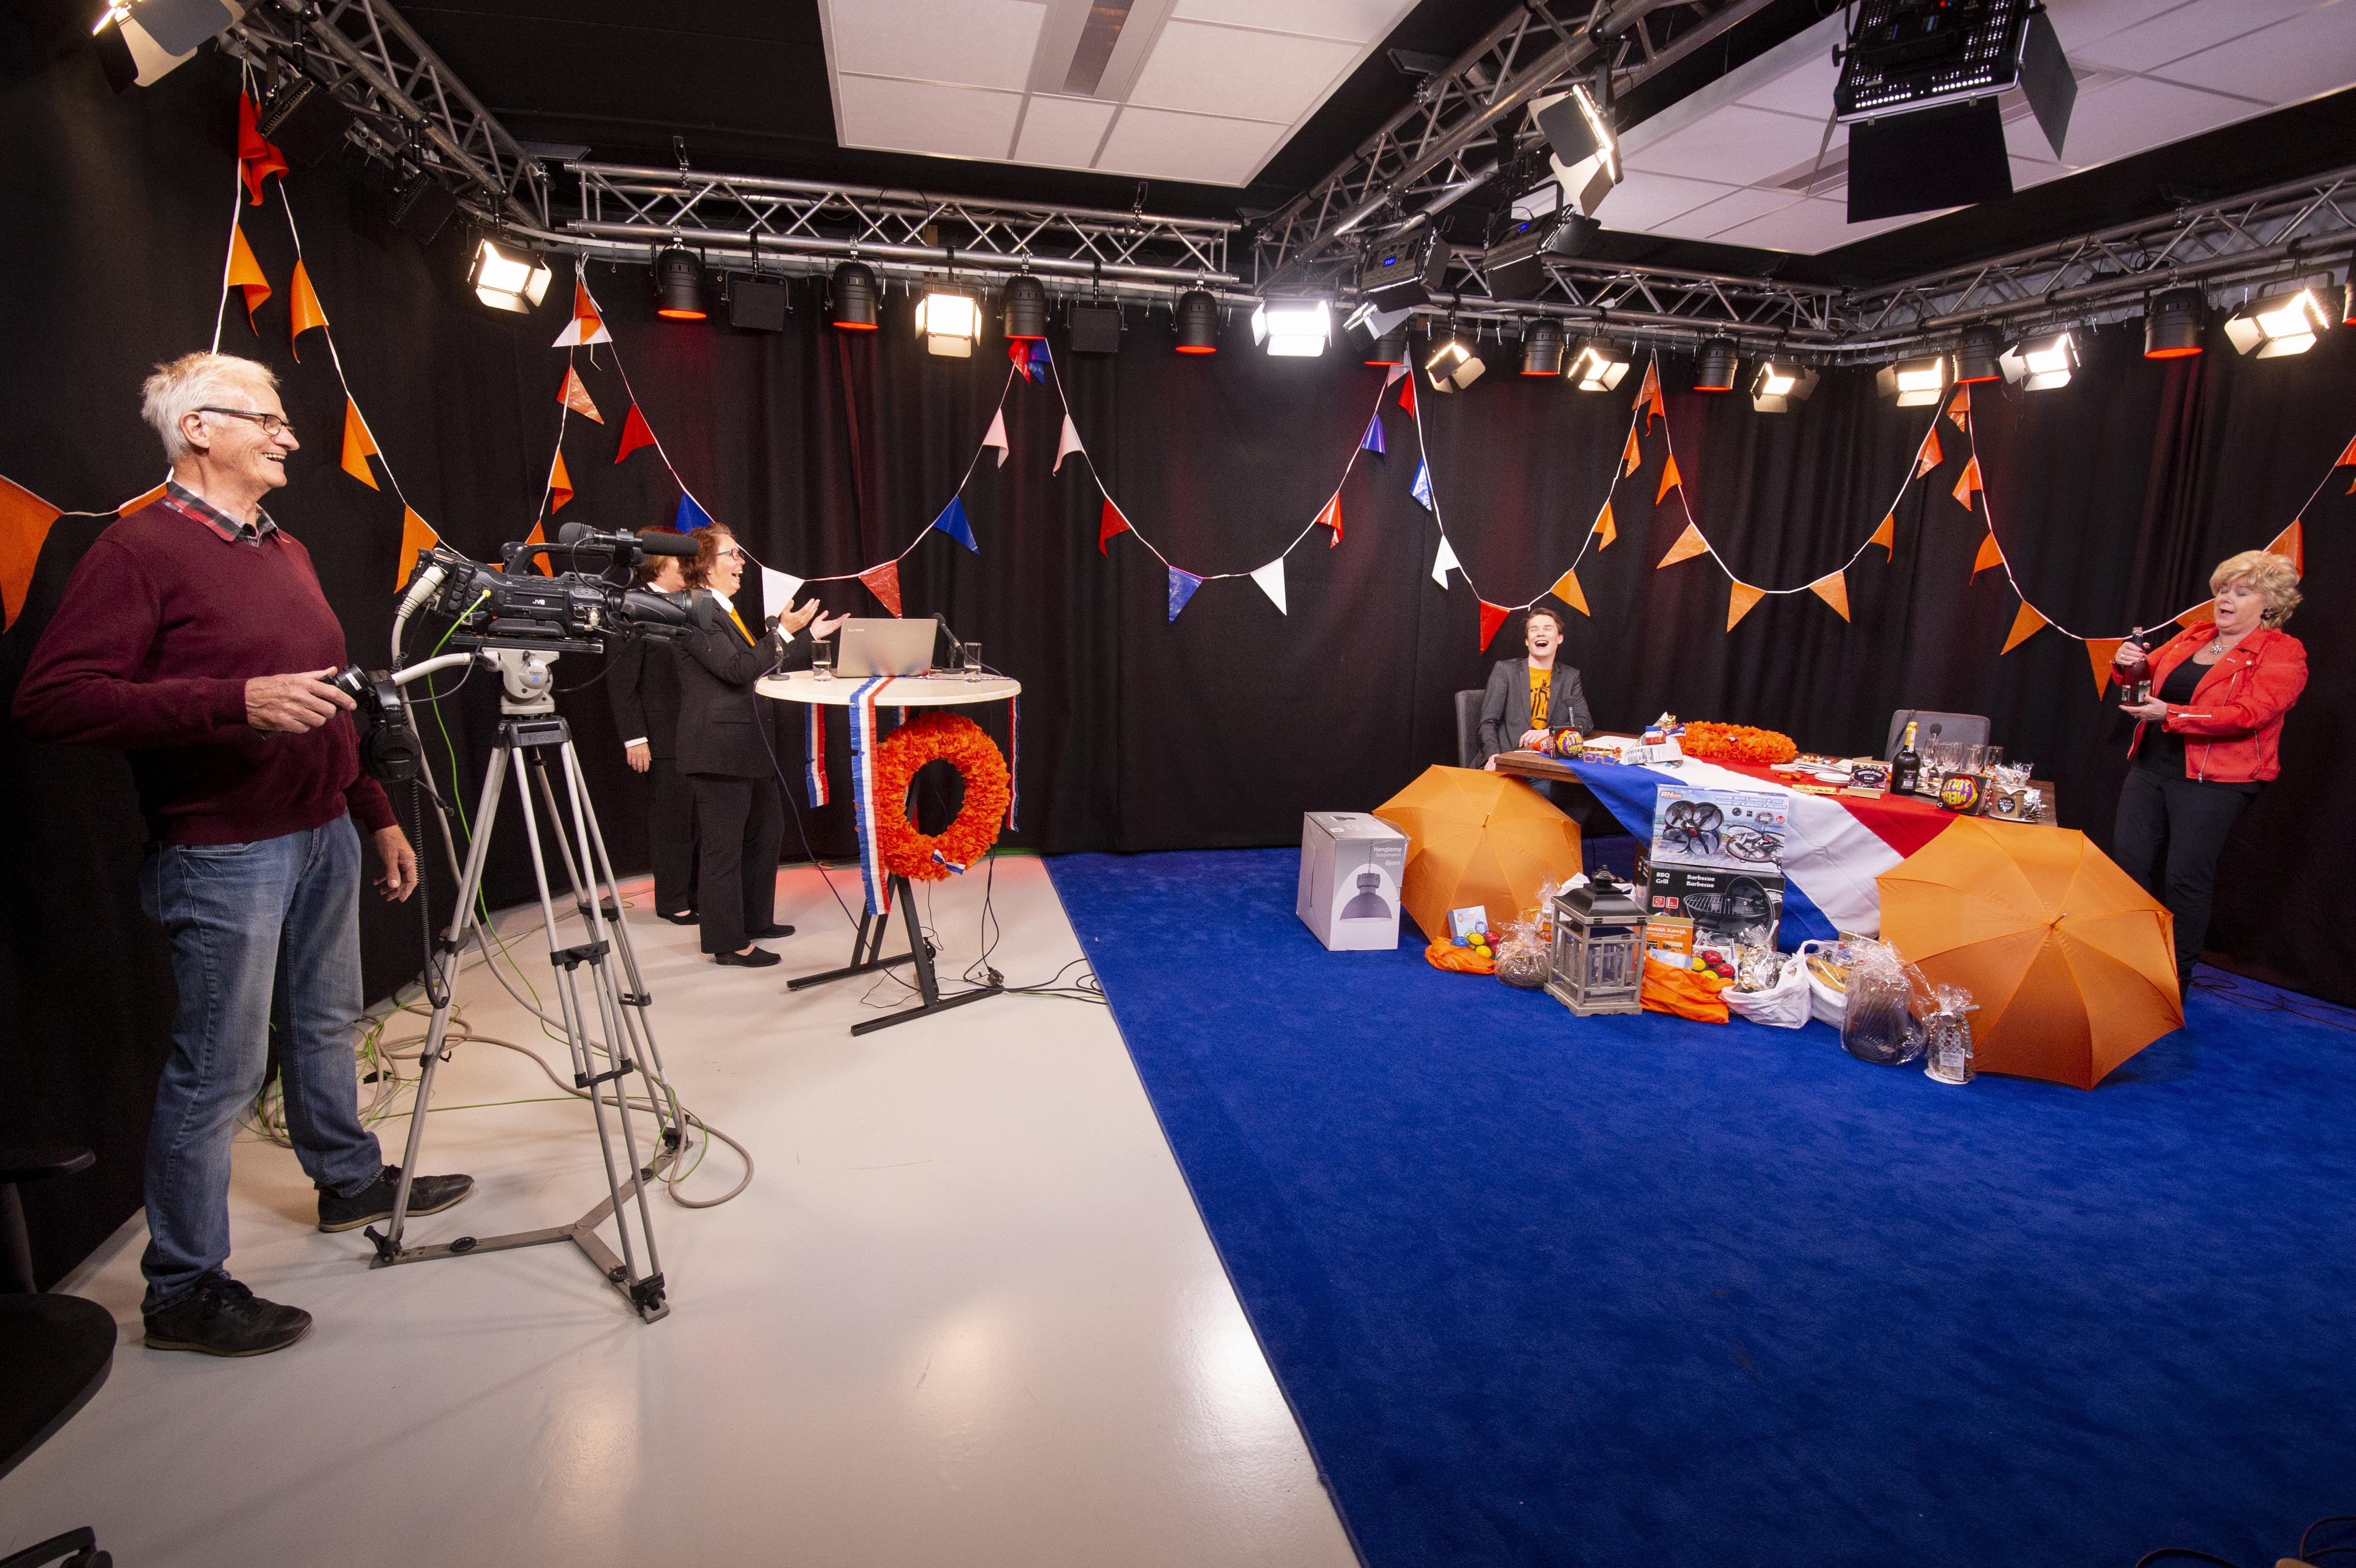 Medewerkers RTV Katwijk bezorgd over vorming streekomroep: 'Bestuur stuurt bewust aan op ontmantelen vereniging'